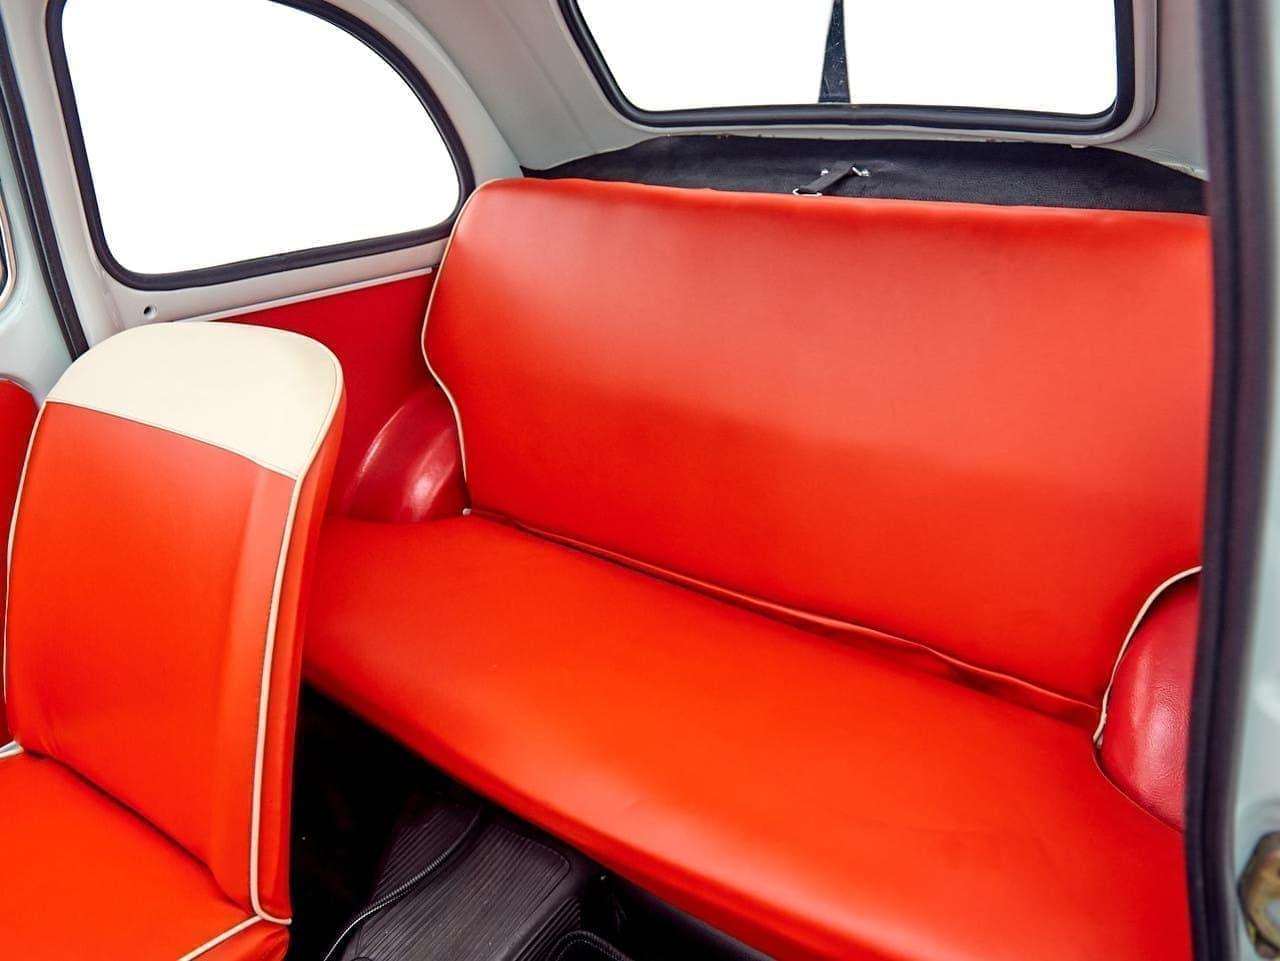 めっちゃ欲しい…旧車のFIAT 500をEV化した「FIAT 500 ev」販売開始